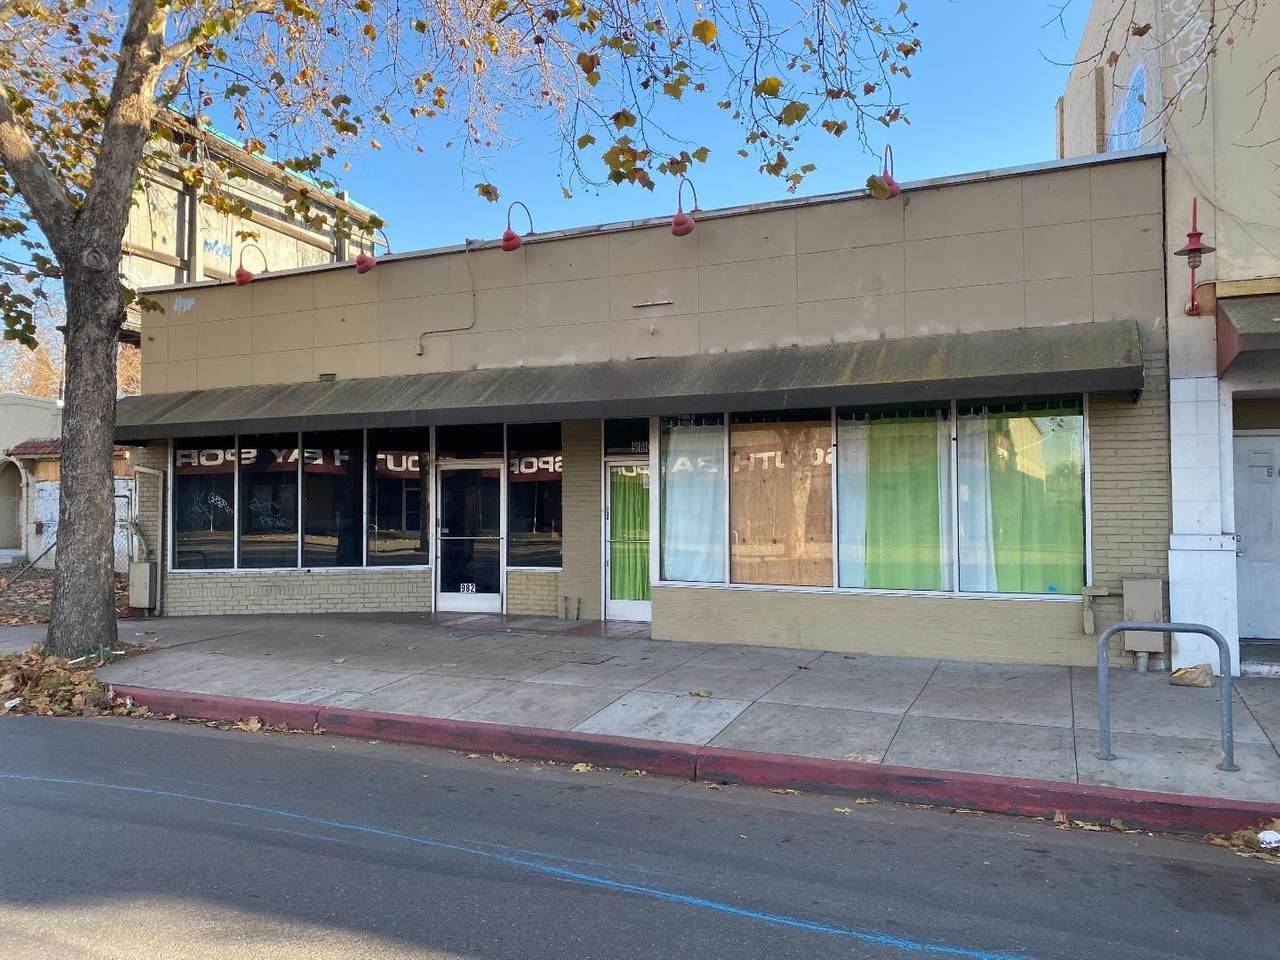 982 Santa Clara St - Photo 1